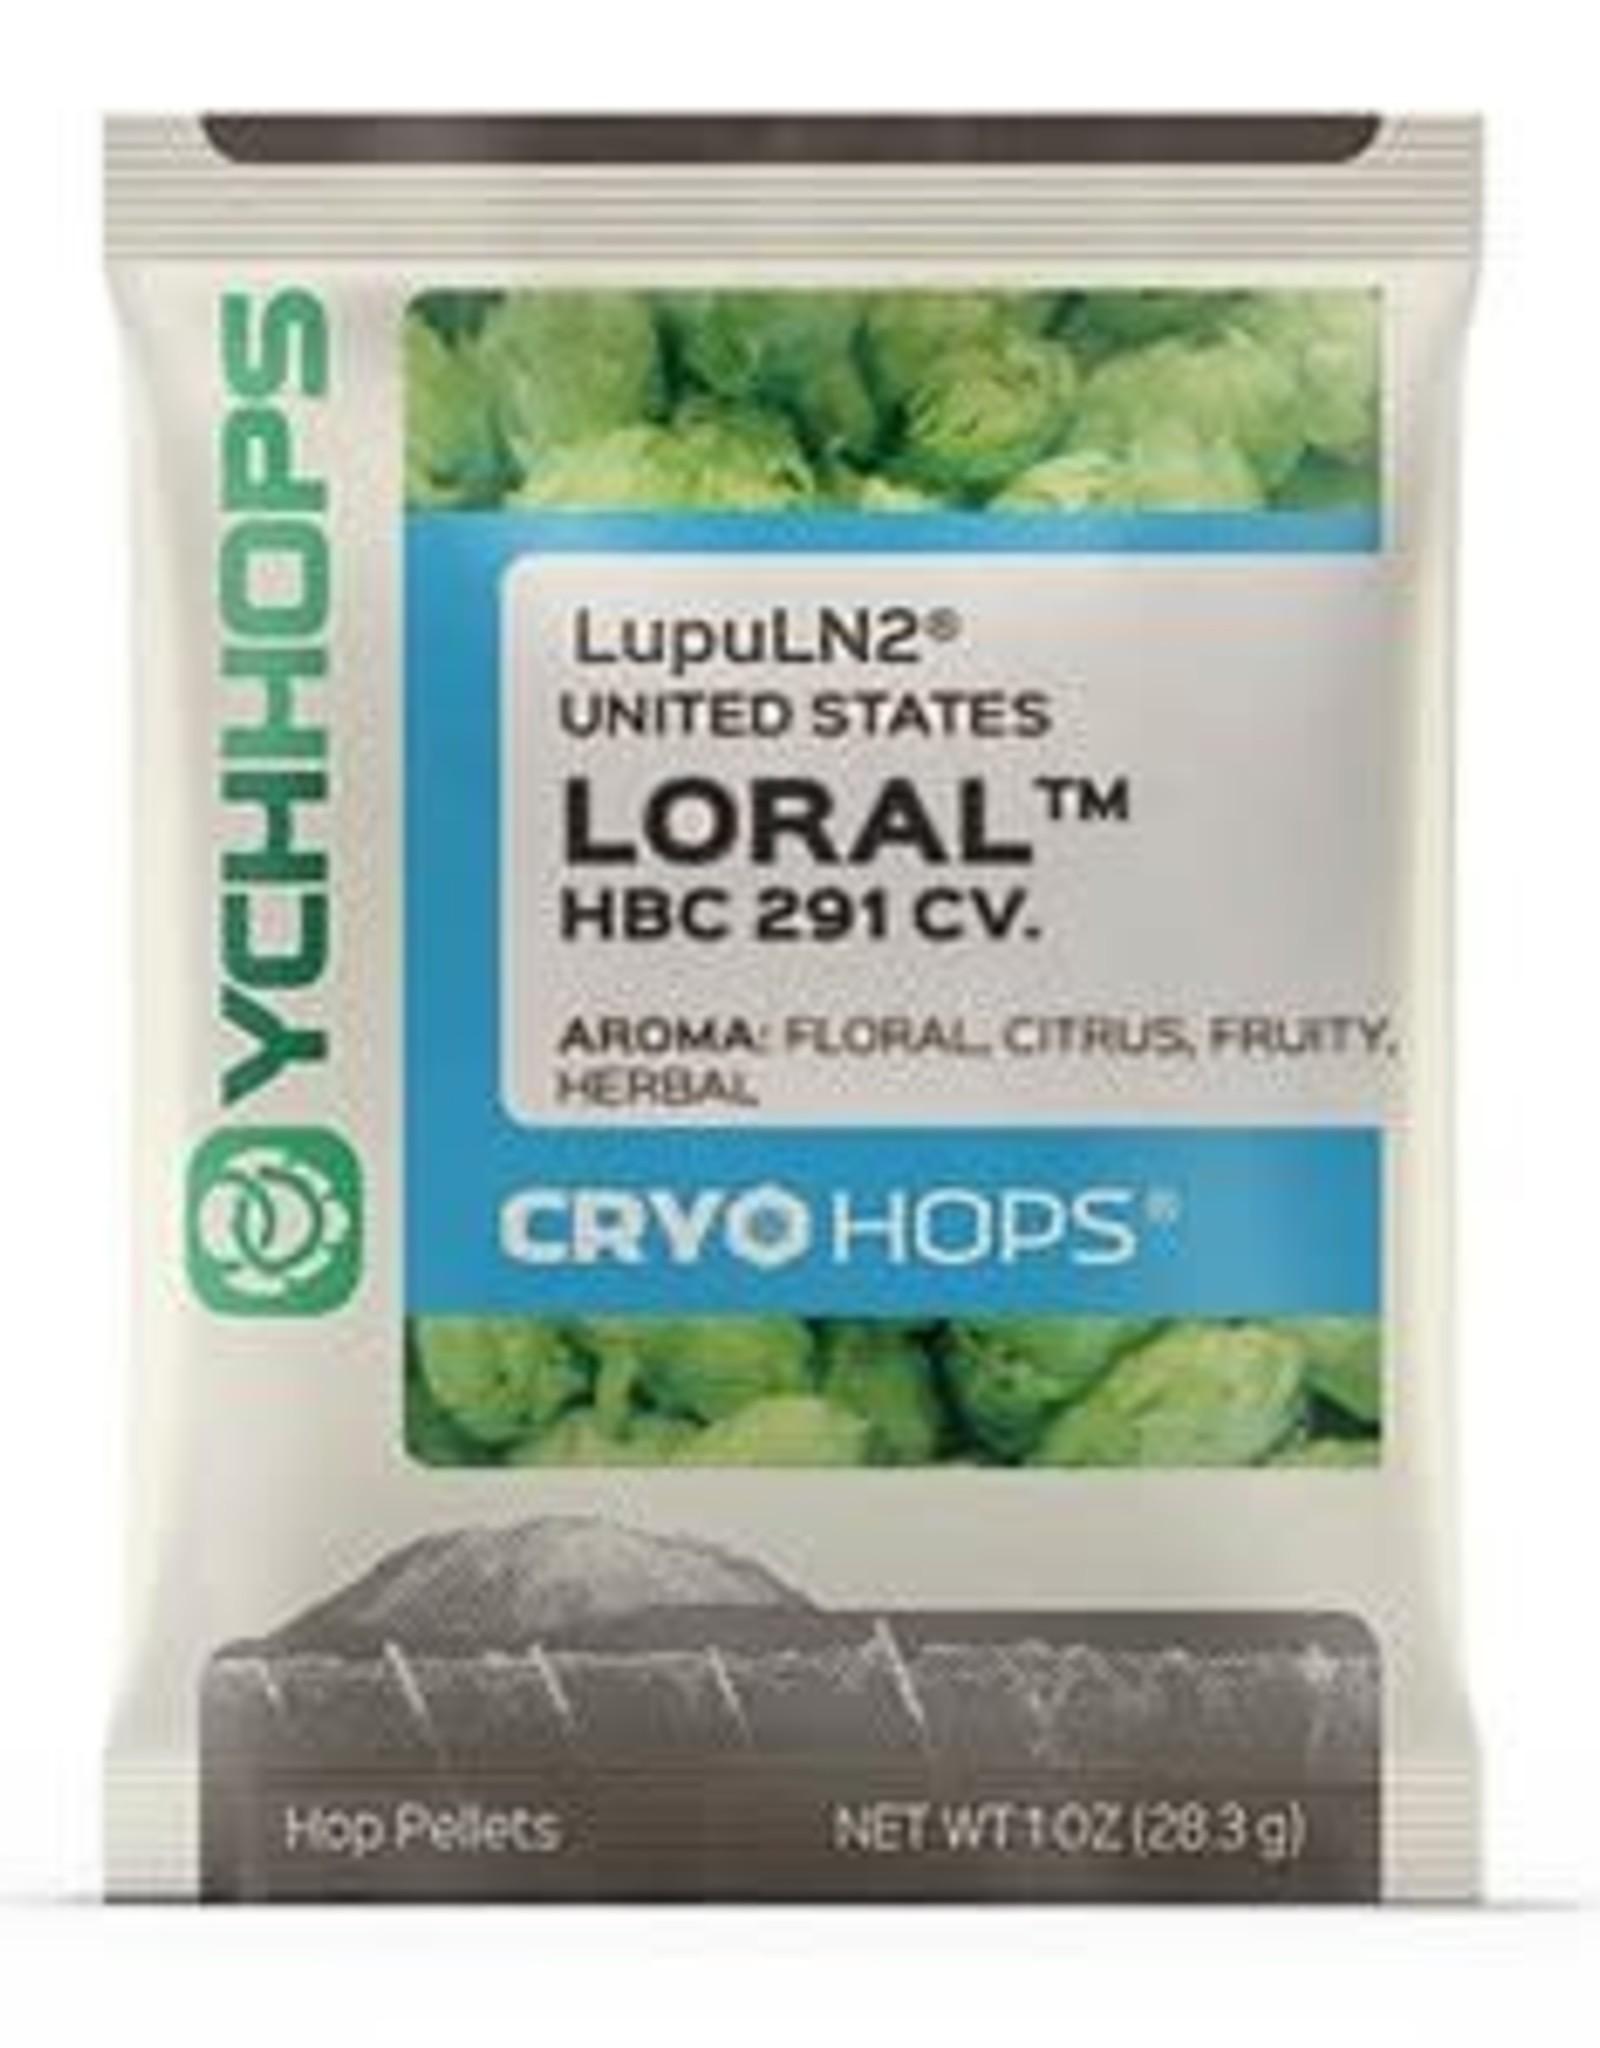 LORAL CRYO HOPS